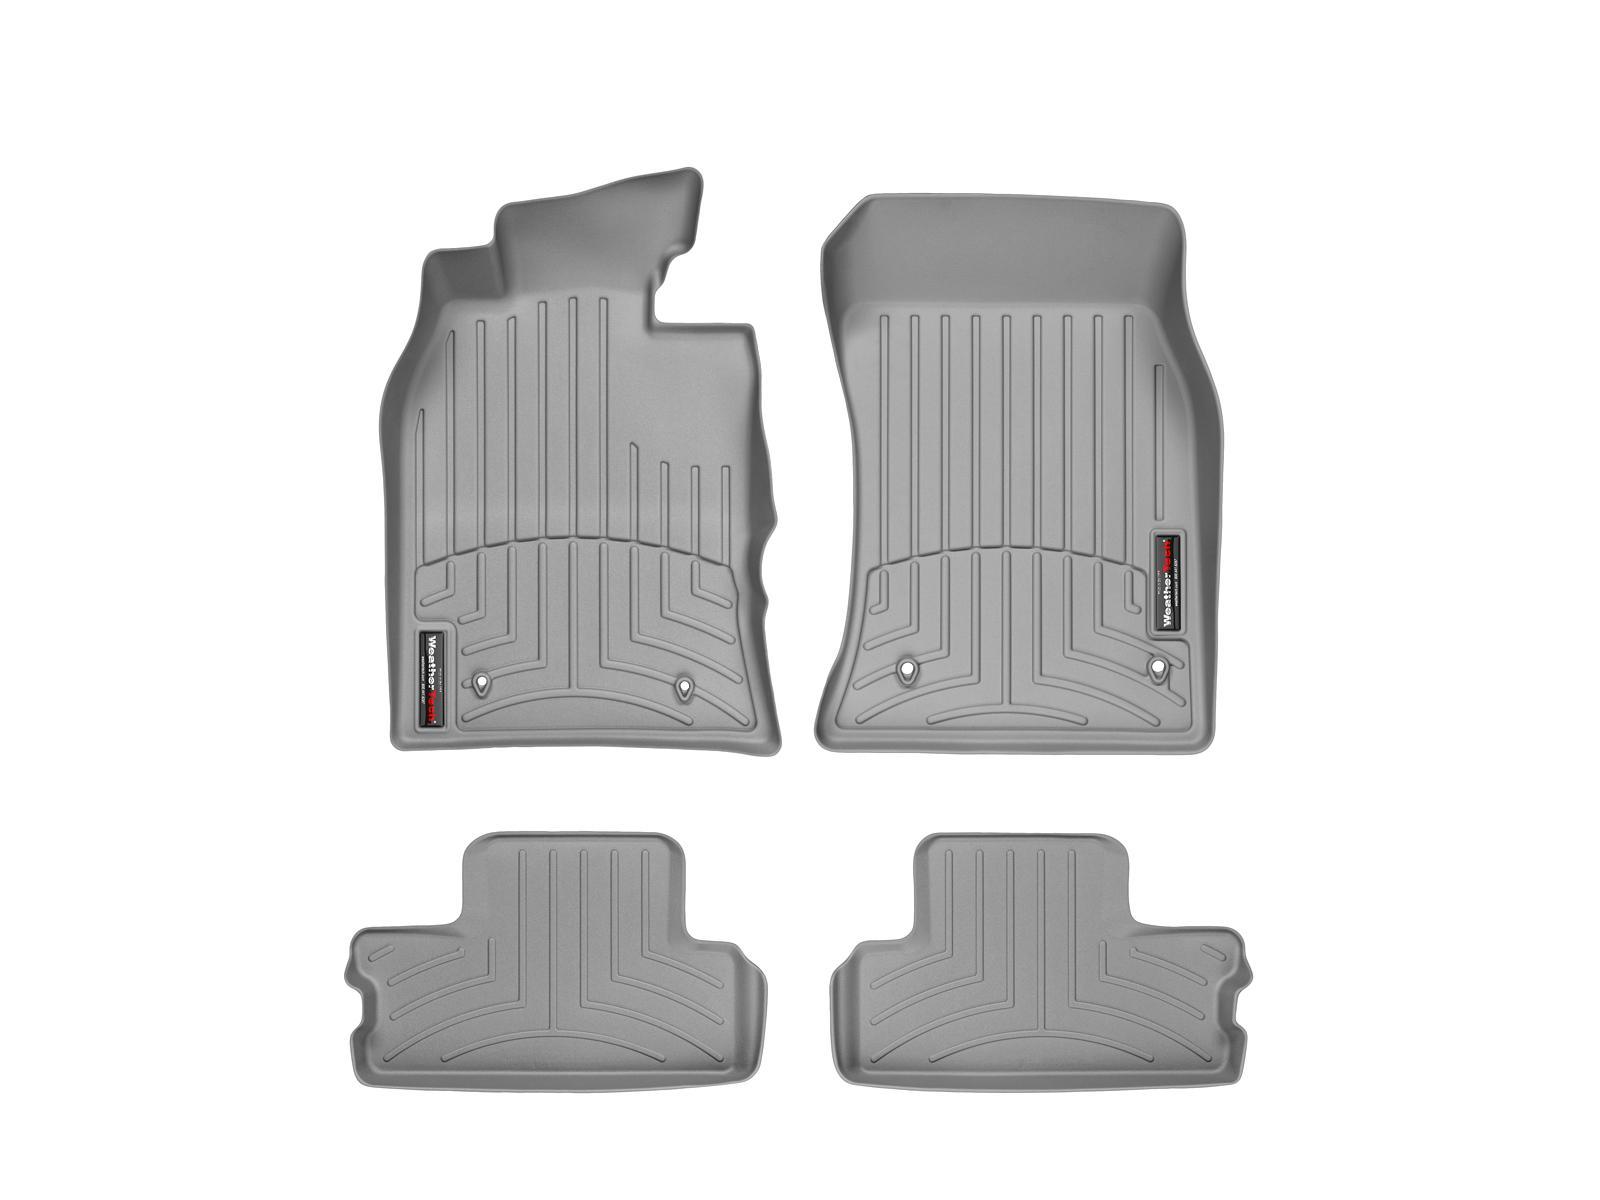 Tappeti gomma su misura bordo alto MINI Cooper / Cooper S 07>07 Grigio A2672*